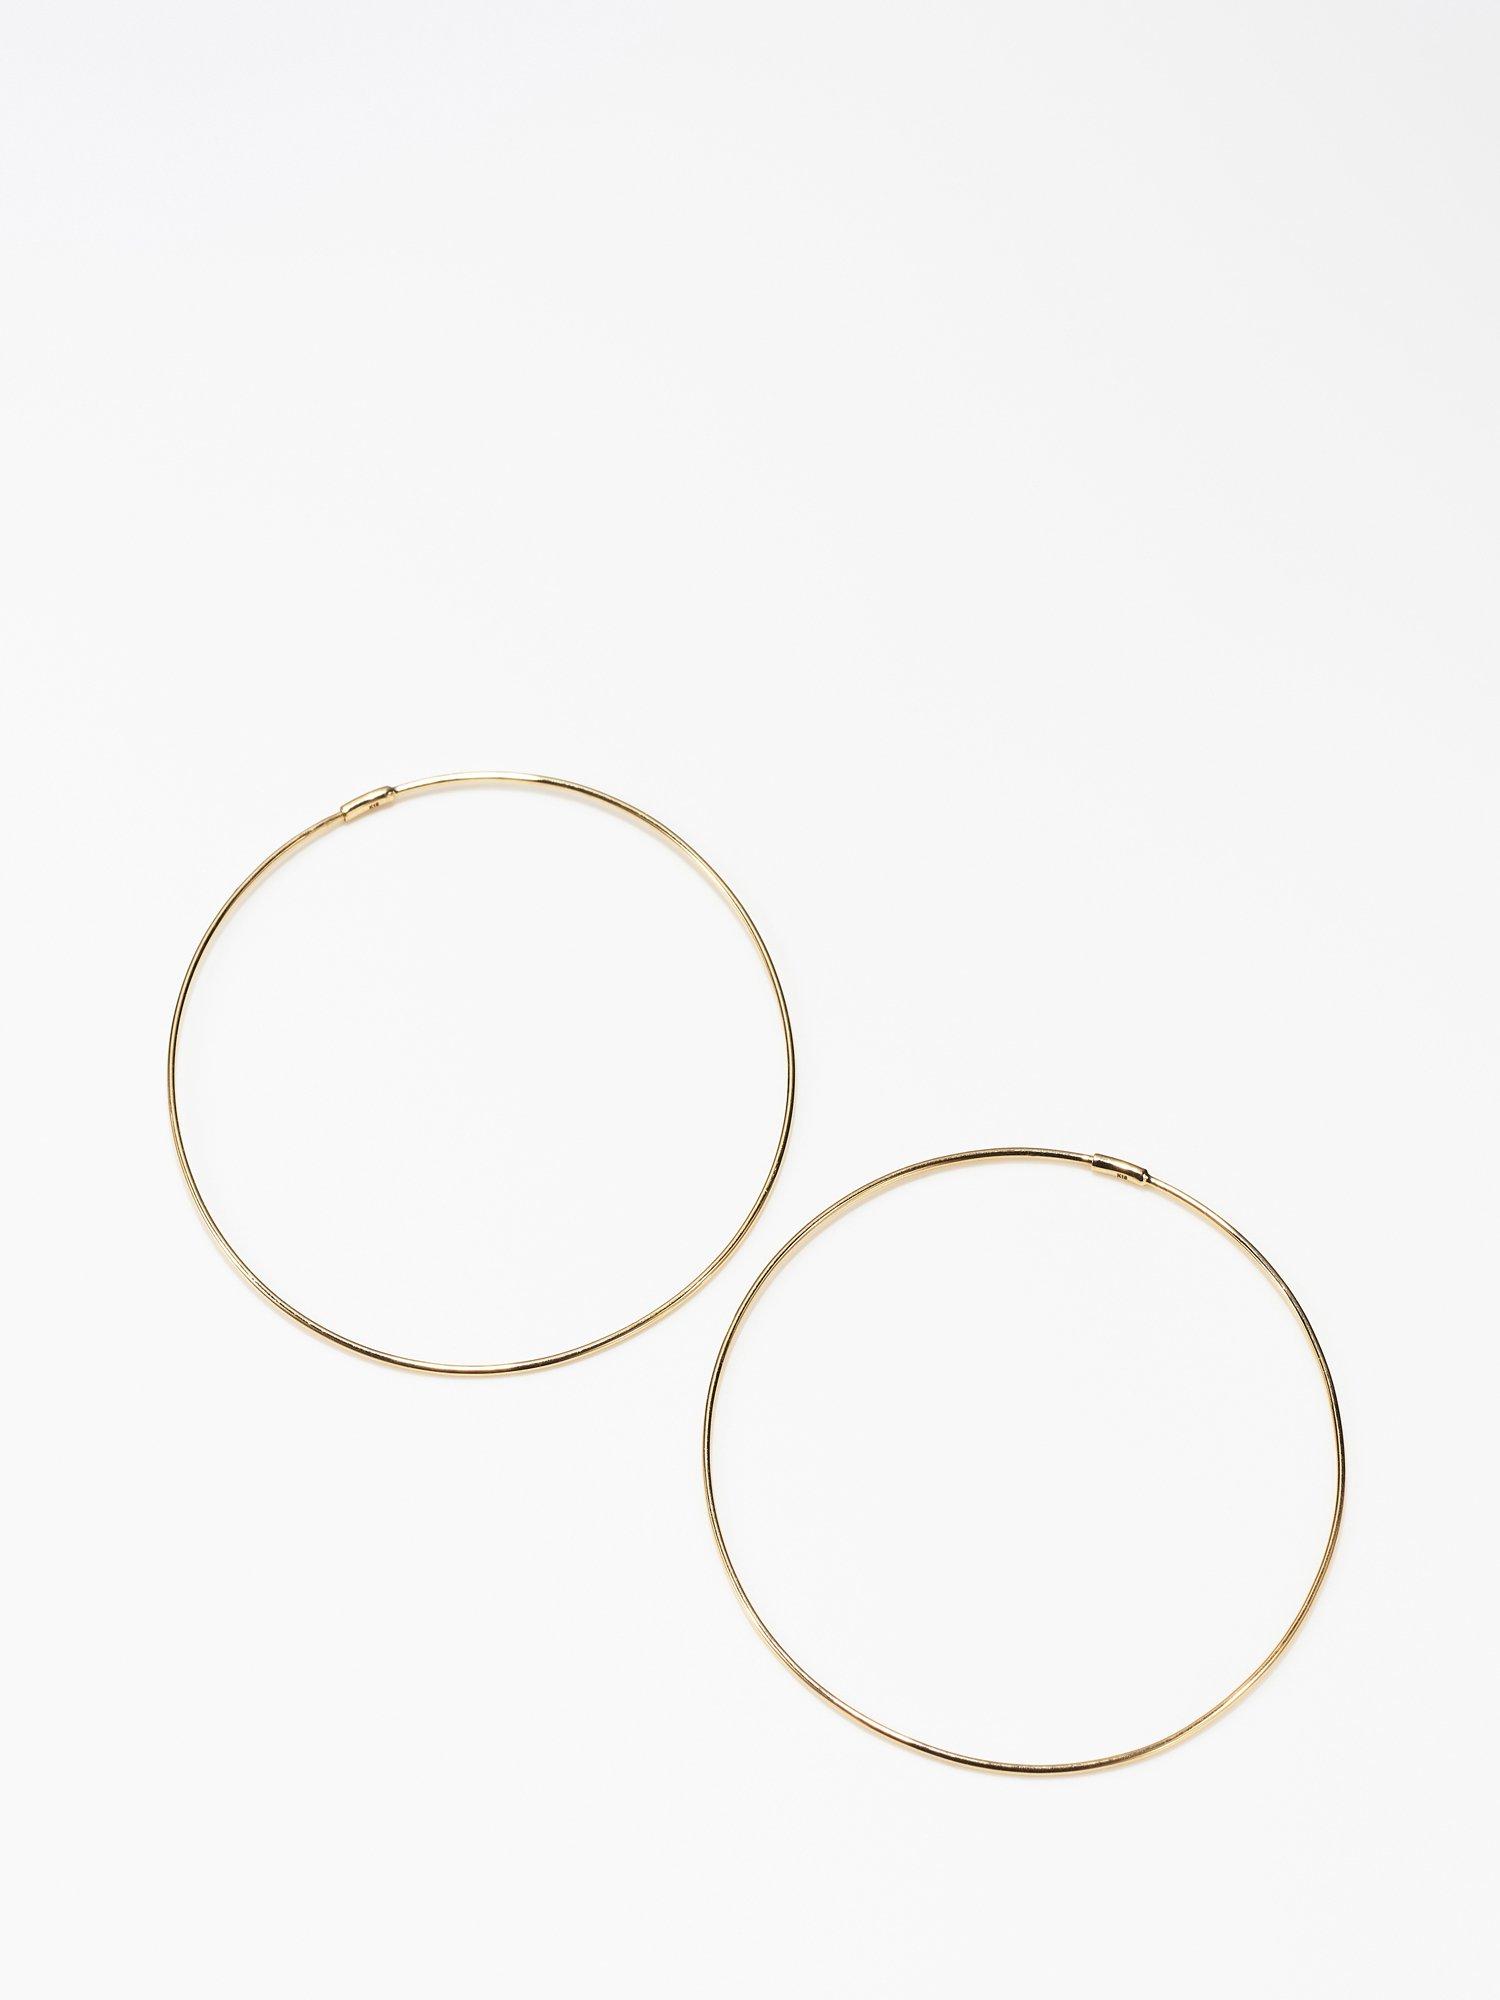 SOPHISTICATED VINTAGE / Solid hoop earrings / 45mm / 在庫商品